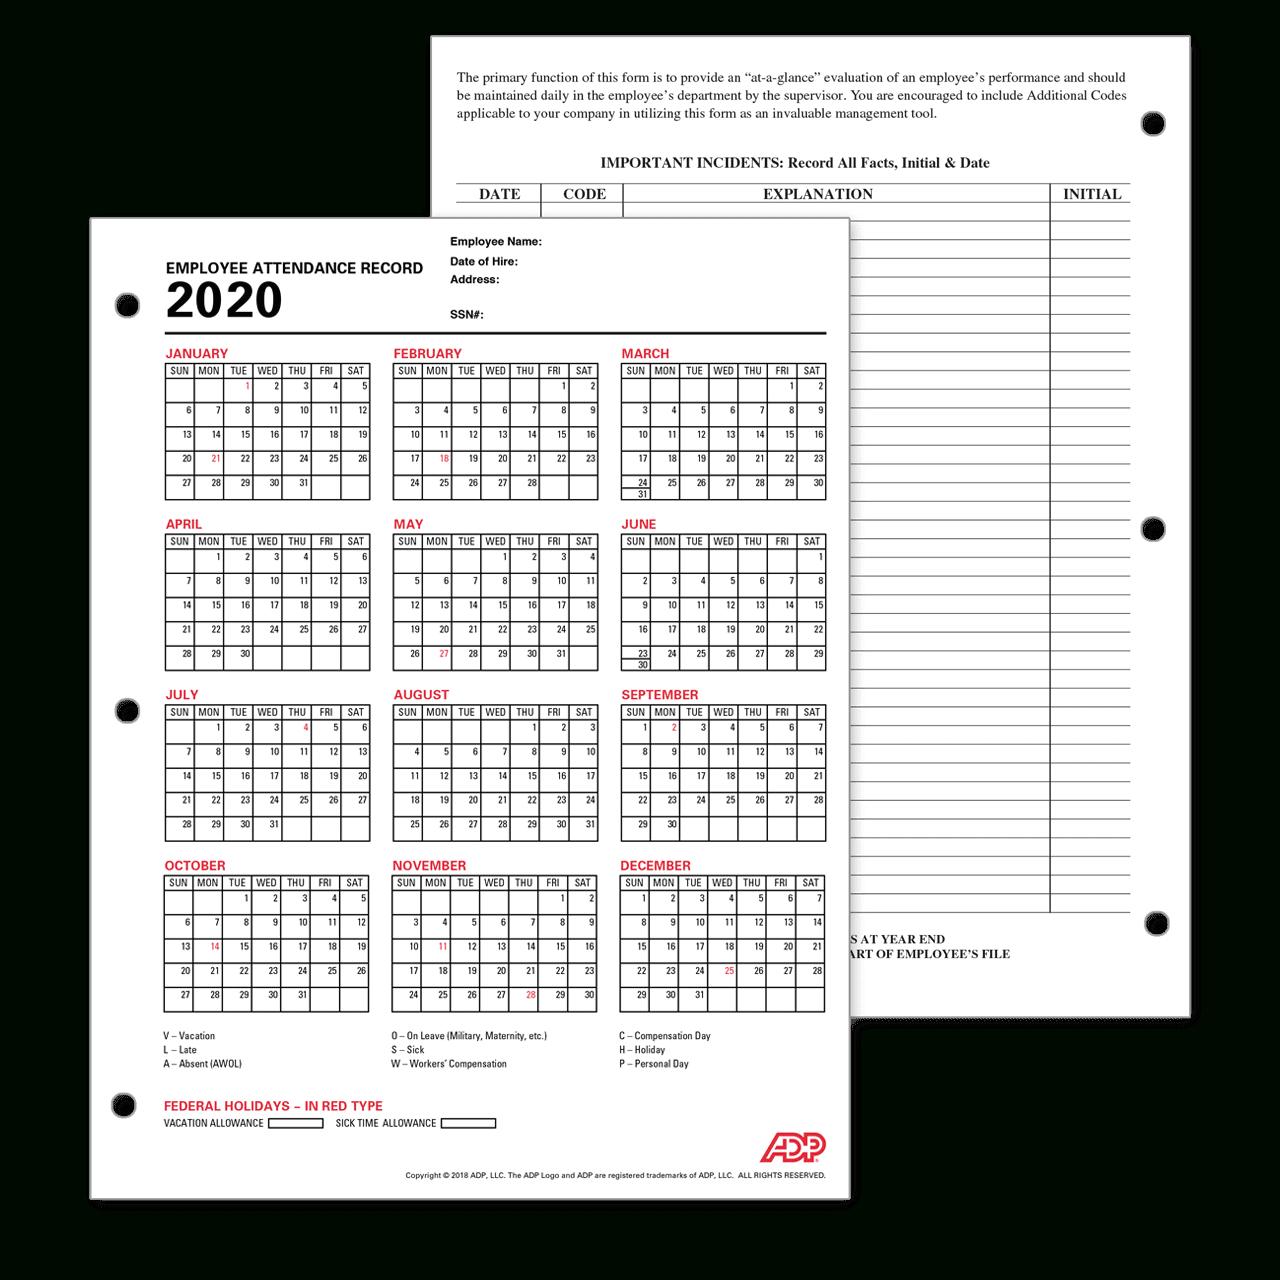 Adp Employee Attendance Record / Calendar